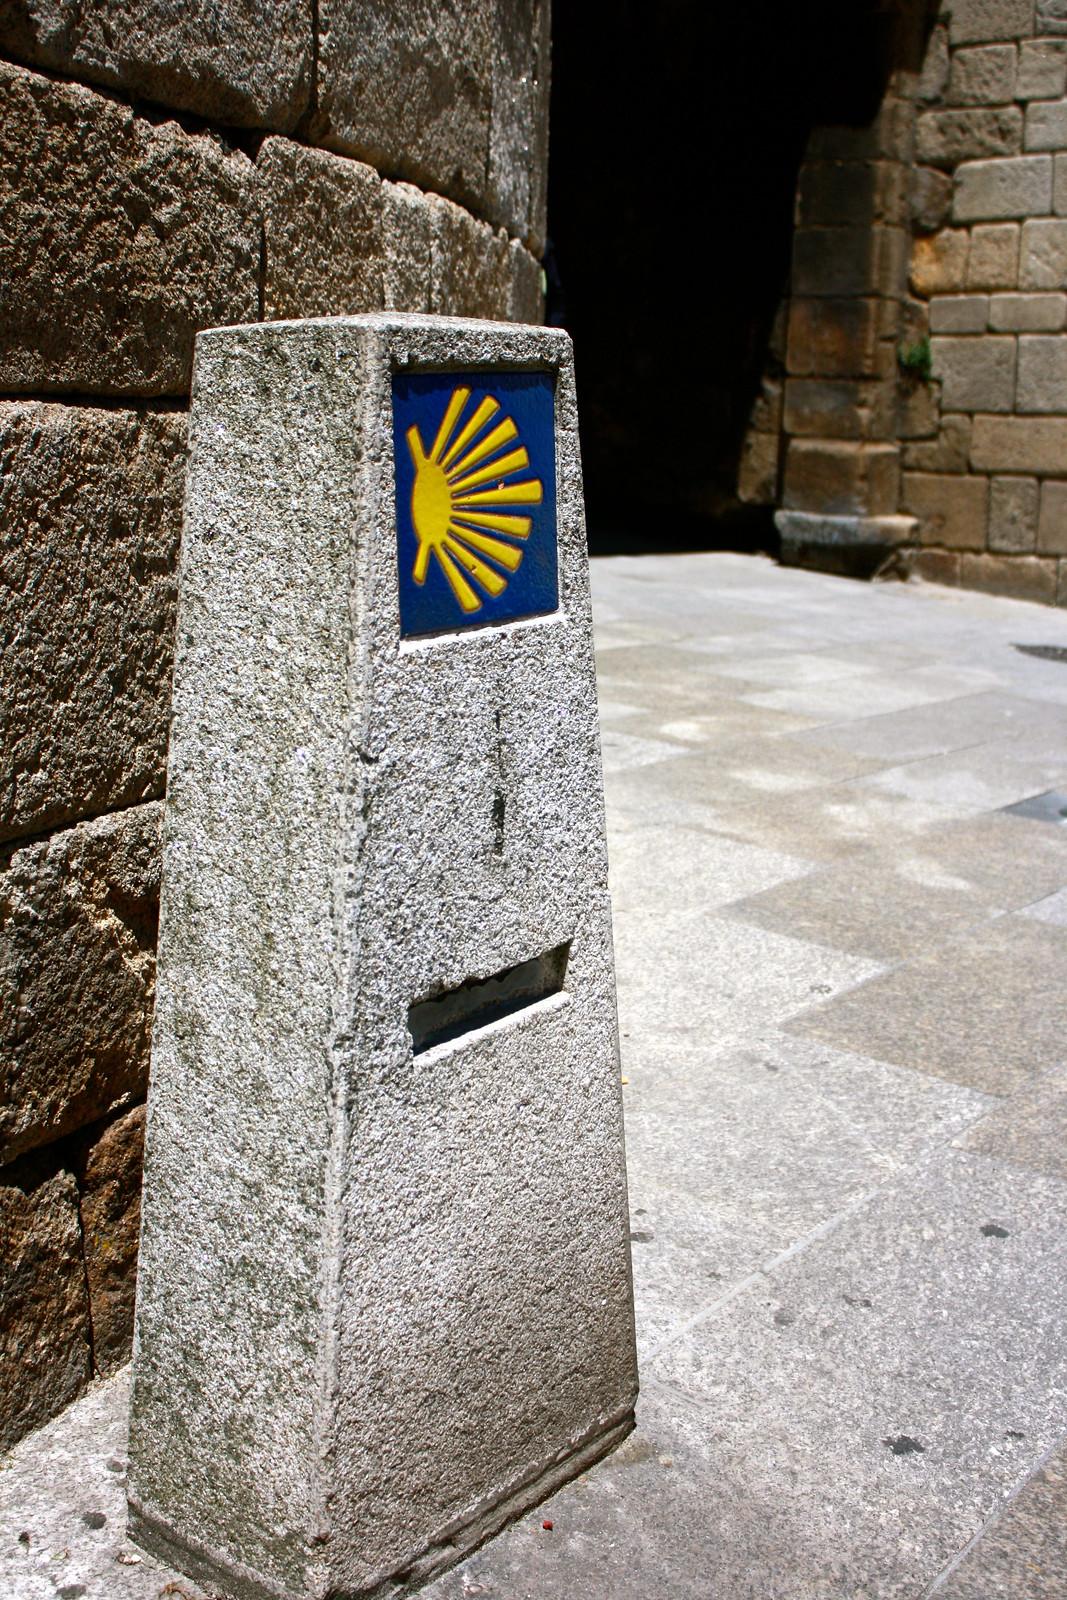 Camino de Santiago in Lugo, Spain